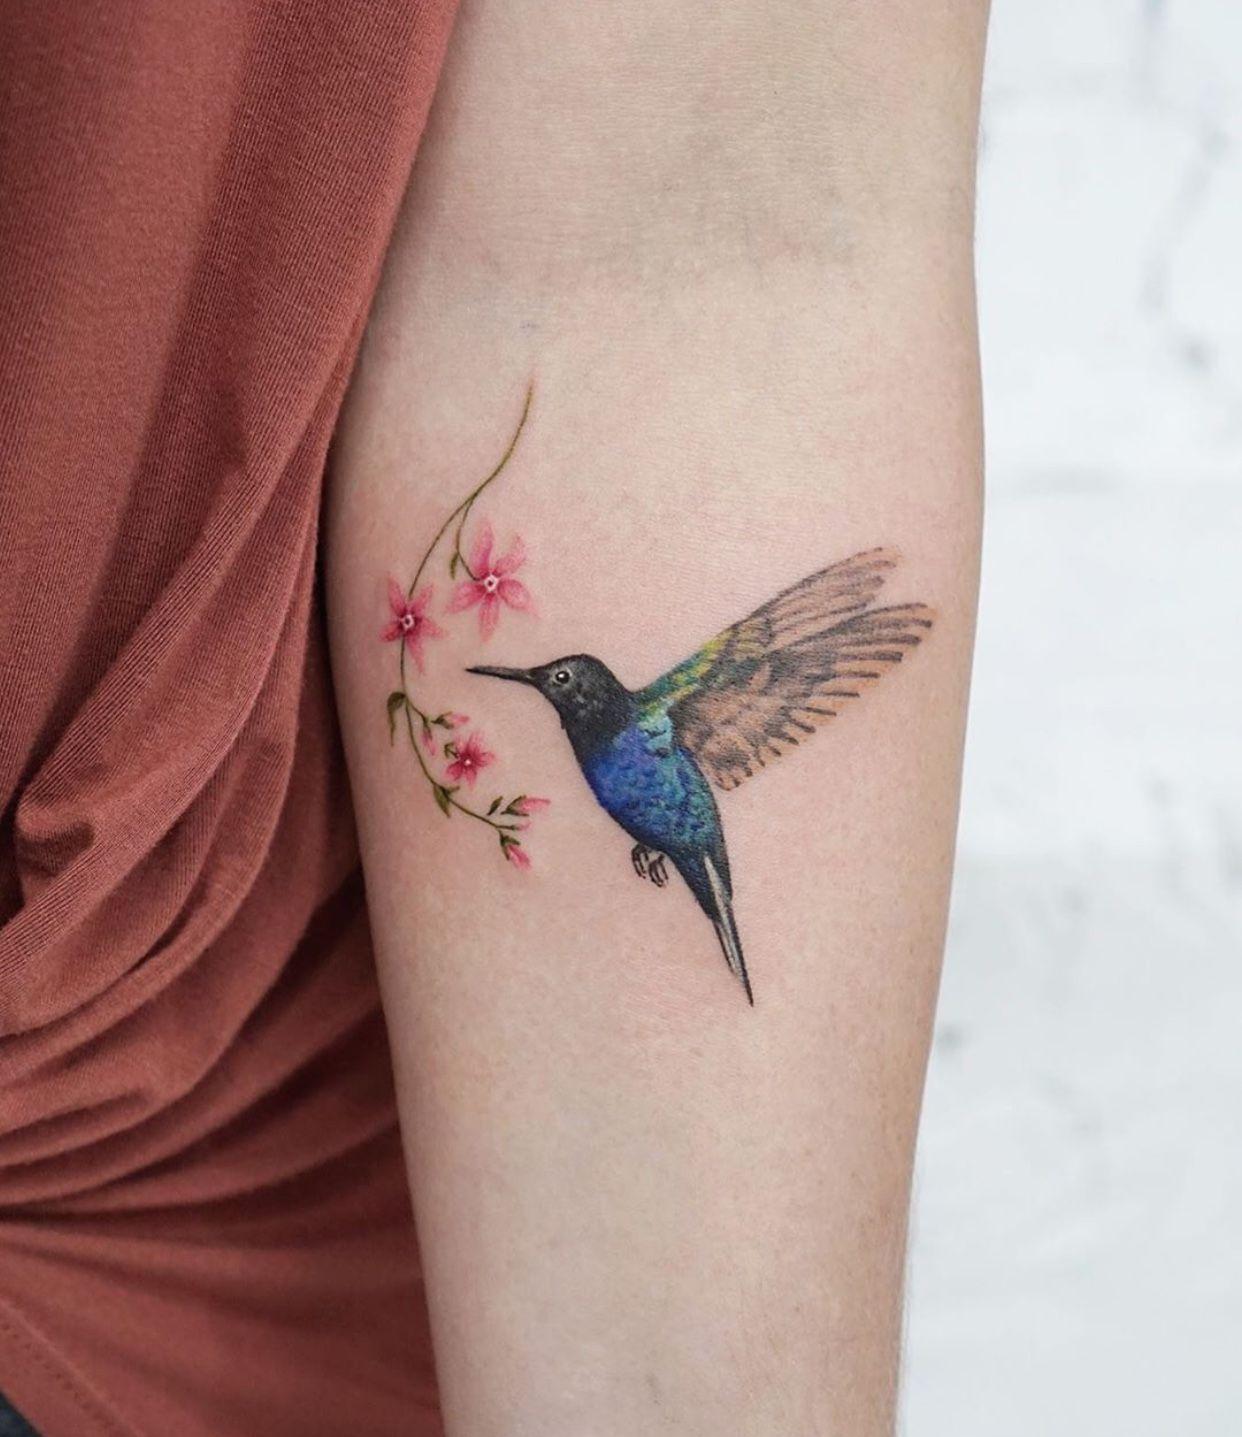 Pin by Tara Owens Zibluk on Tattoos Tattoos, Hummingbird